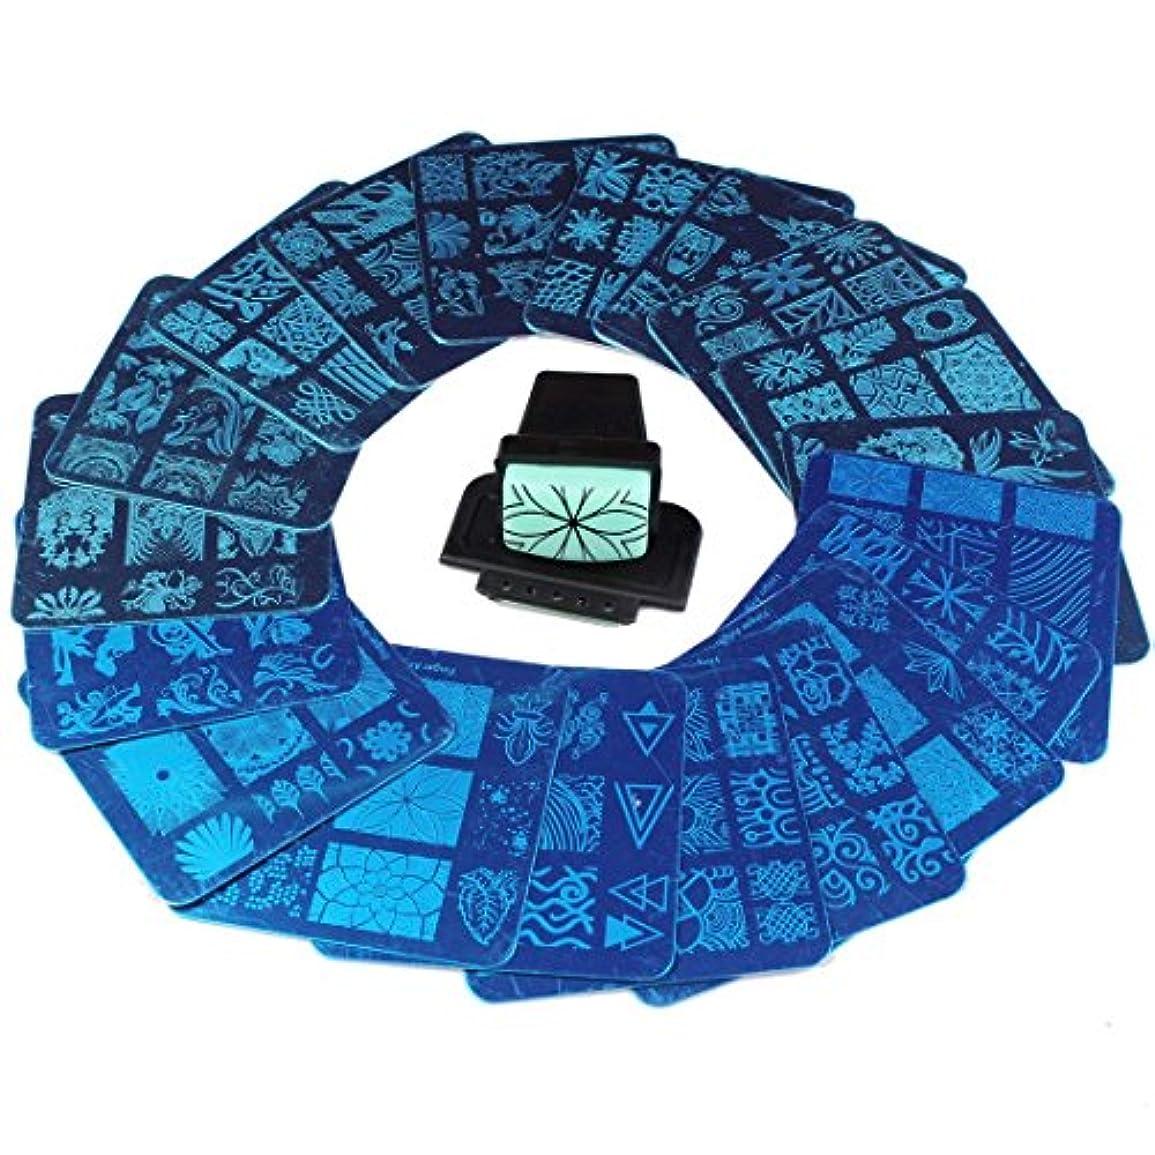 裏切り者石灰岩仕事に行くFingerAngel ネイルイメージプレートセット ネイルプレート 正方形20枚 付き ネイルサロンも自宅も使えるネイルプレート